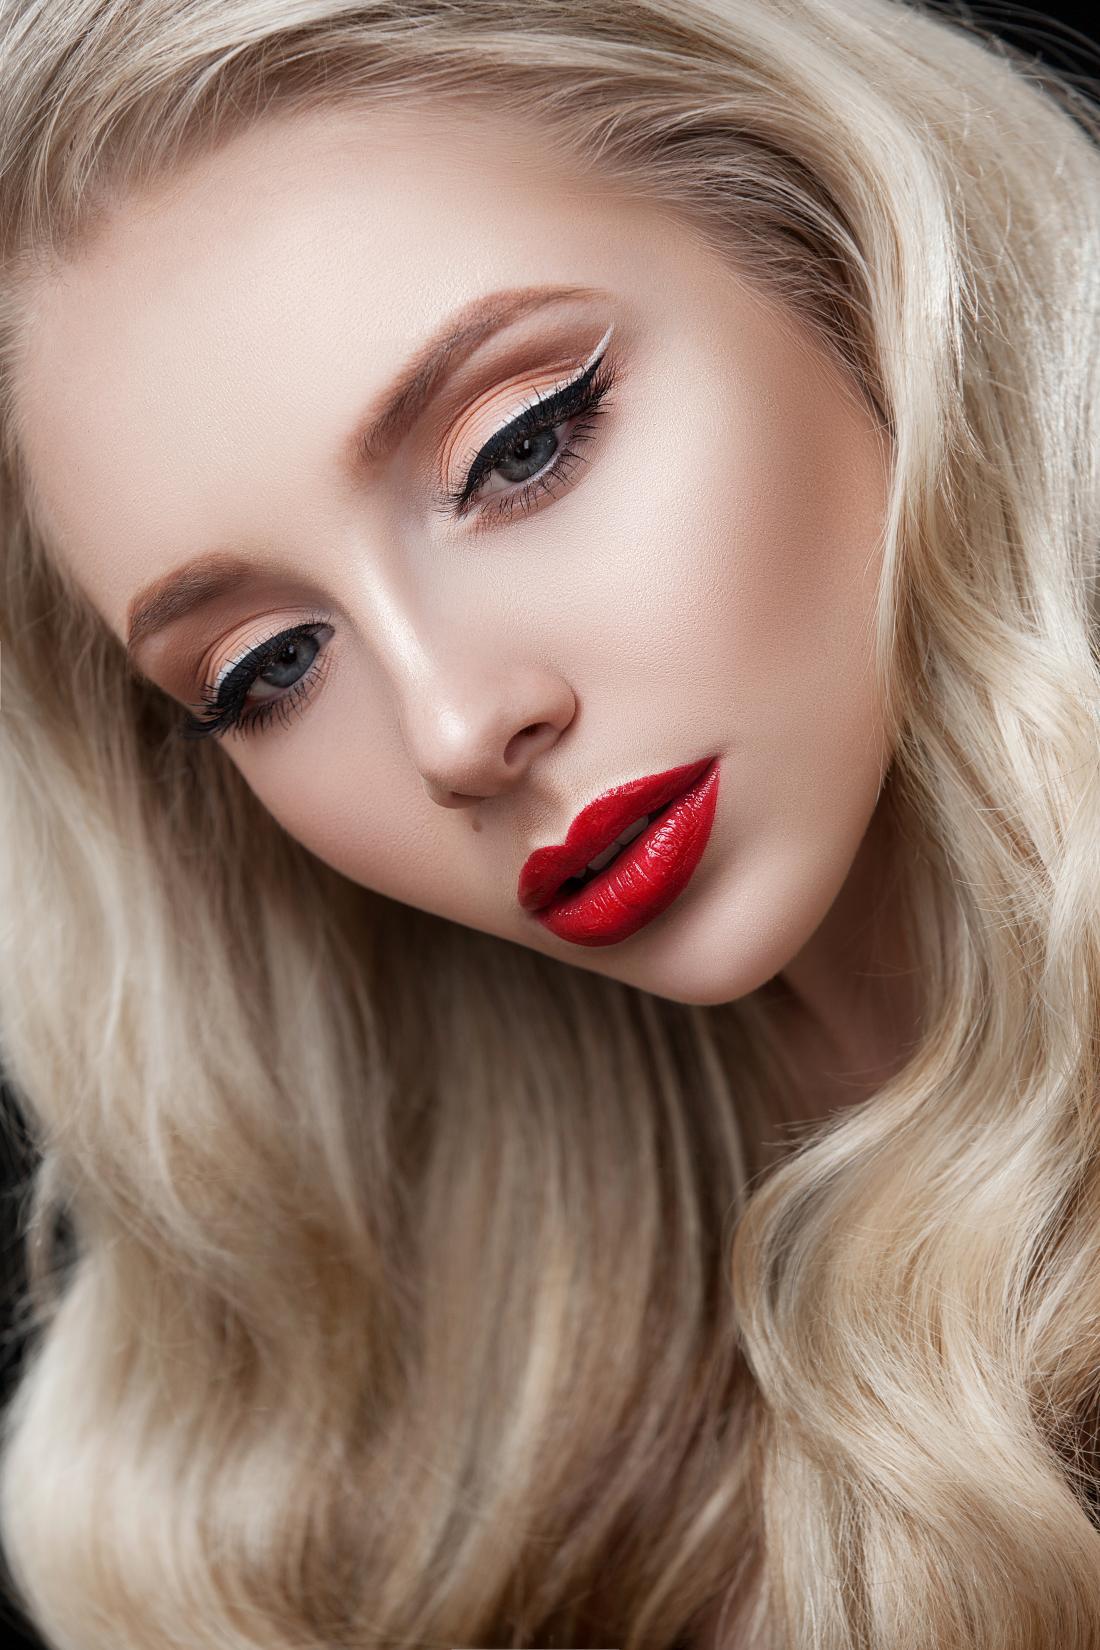 Моделирование, биотатуаж бровей, вечерний макияж от 12,50 руб.